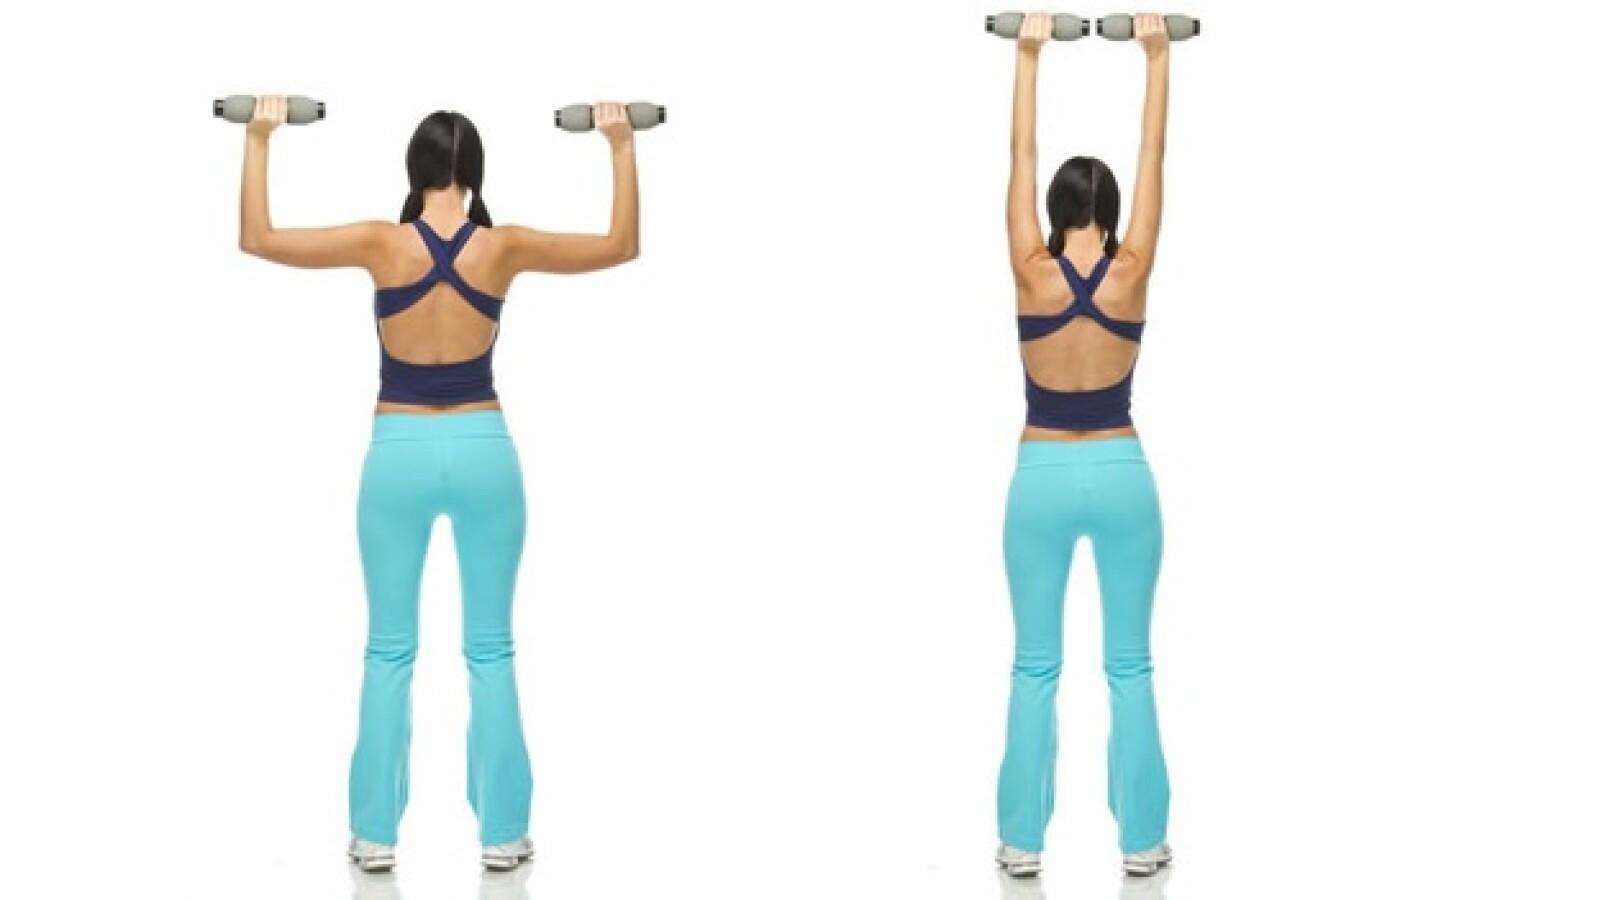 1. Toma las mancuernas a la altura de los hombros y empuja hacia arriba hasta tener los brazos estirados, baja de manera controlada y repite